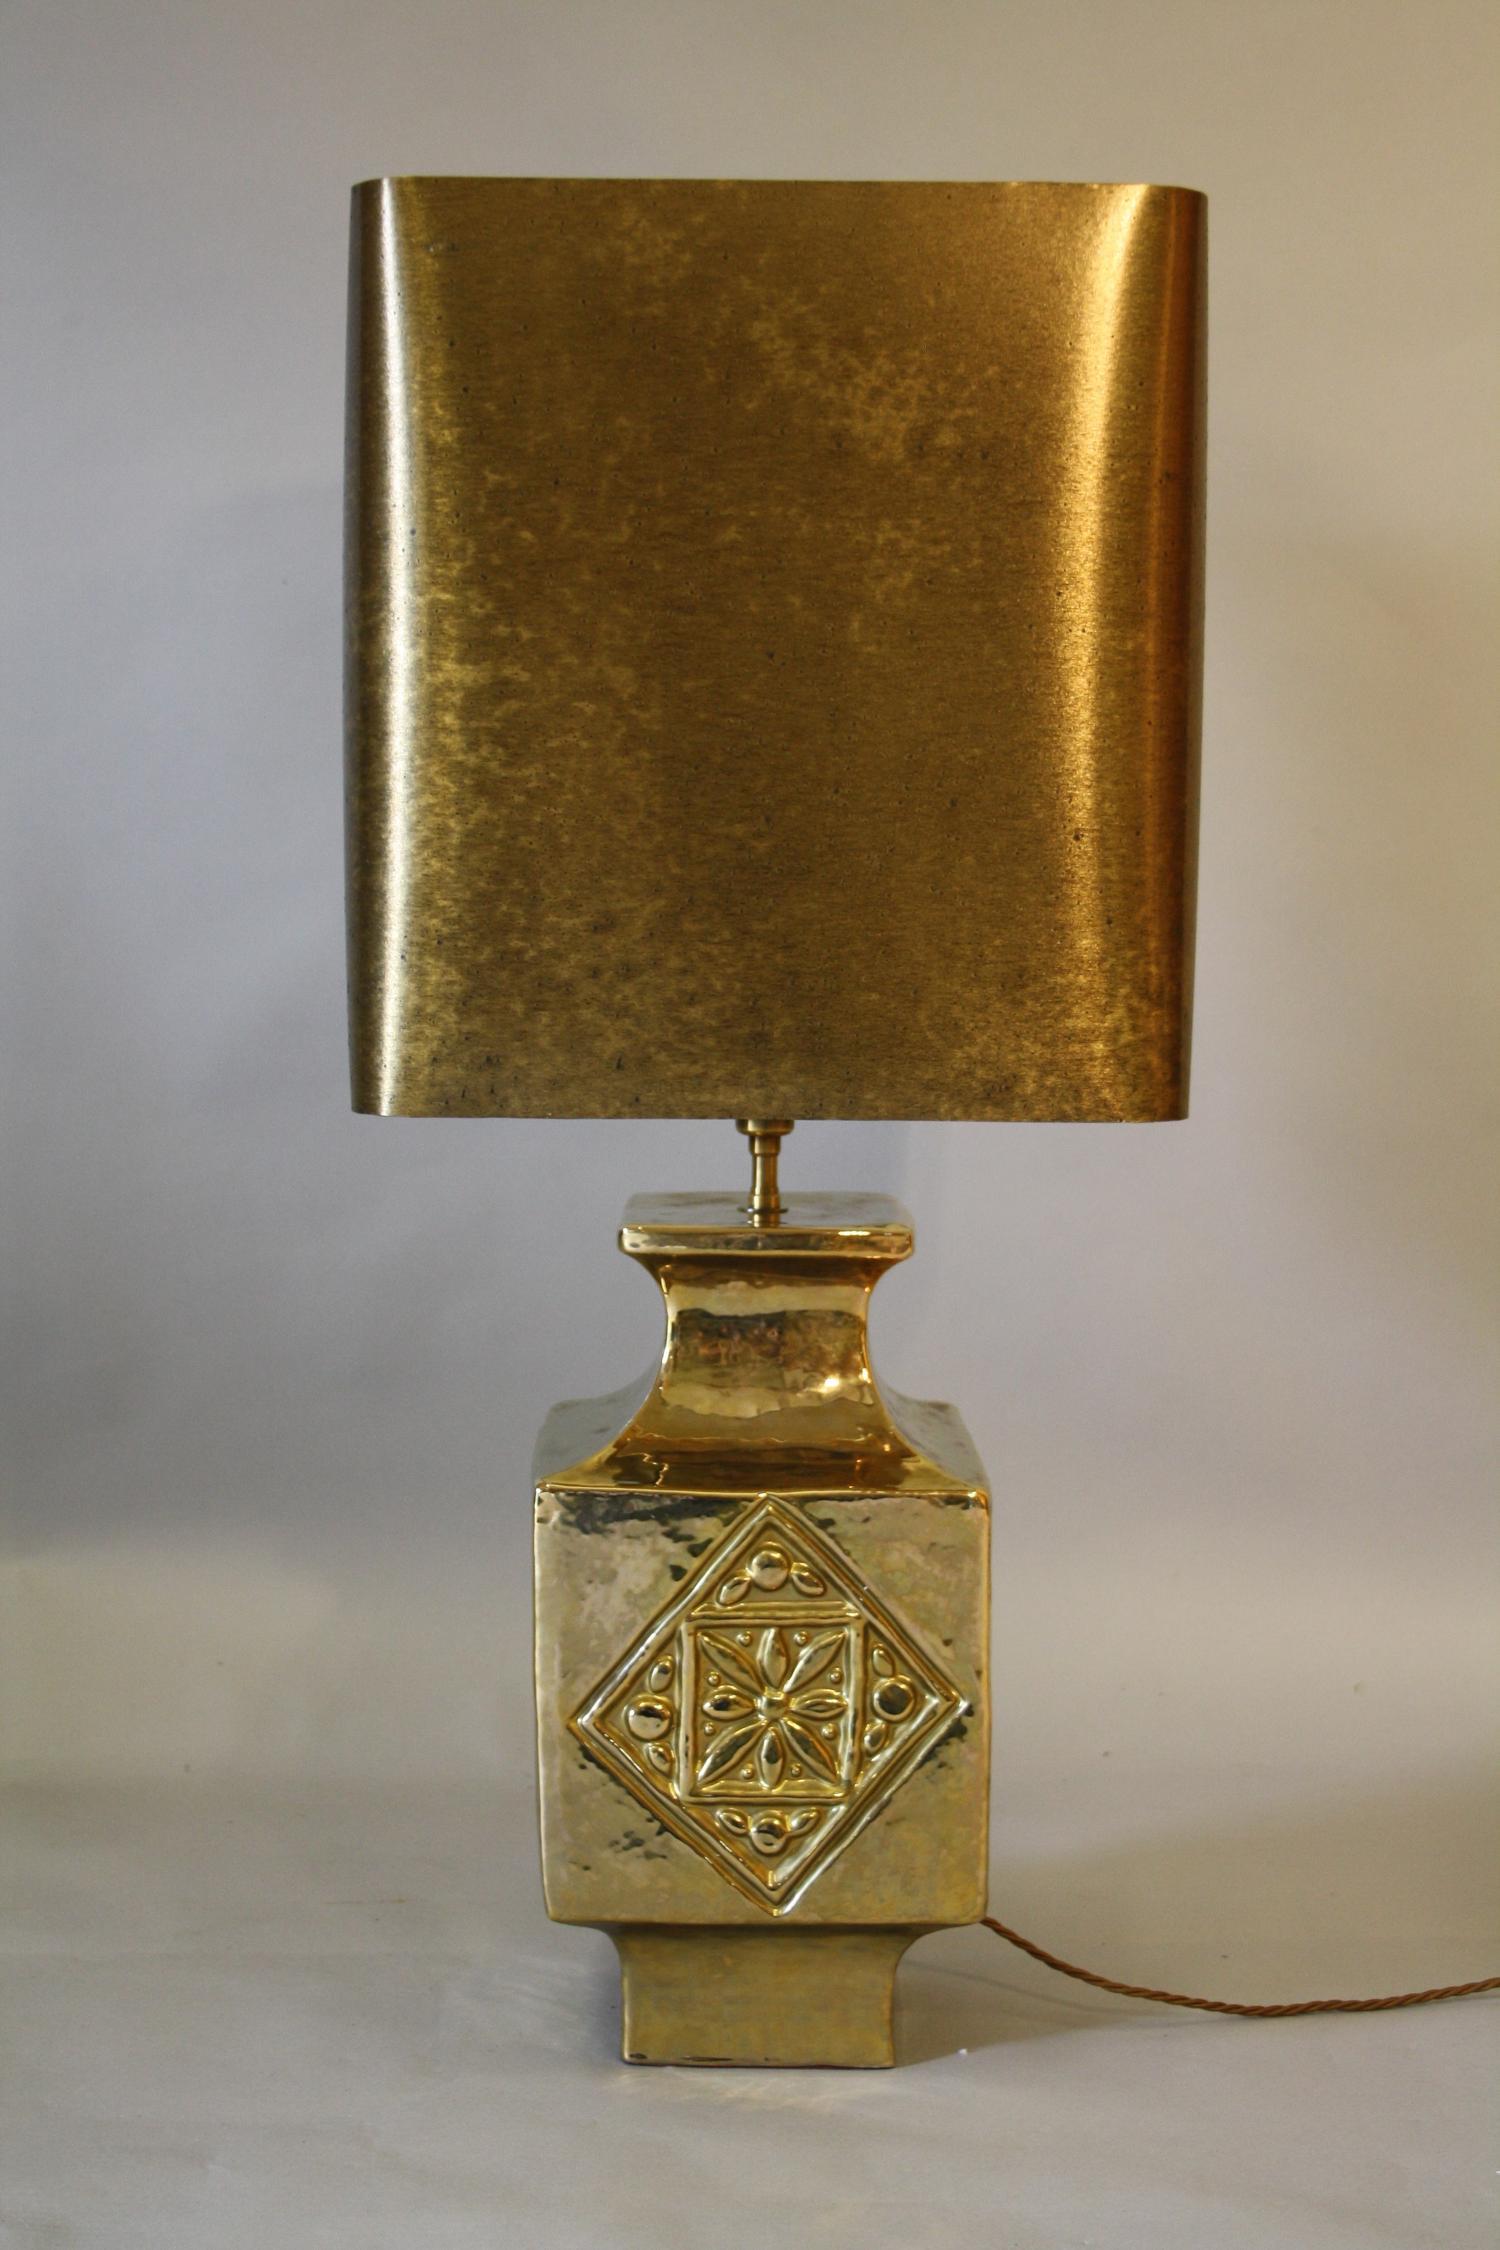 Gold glazed ceramic table lamp